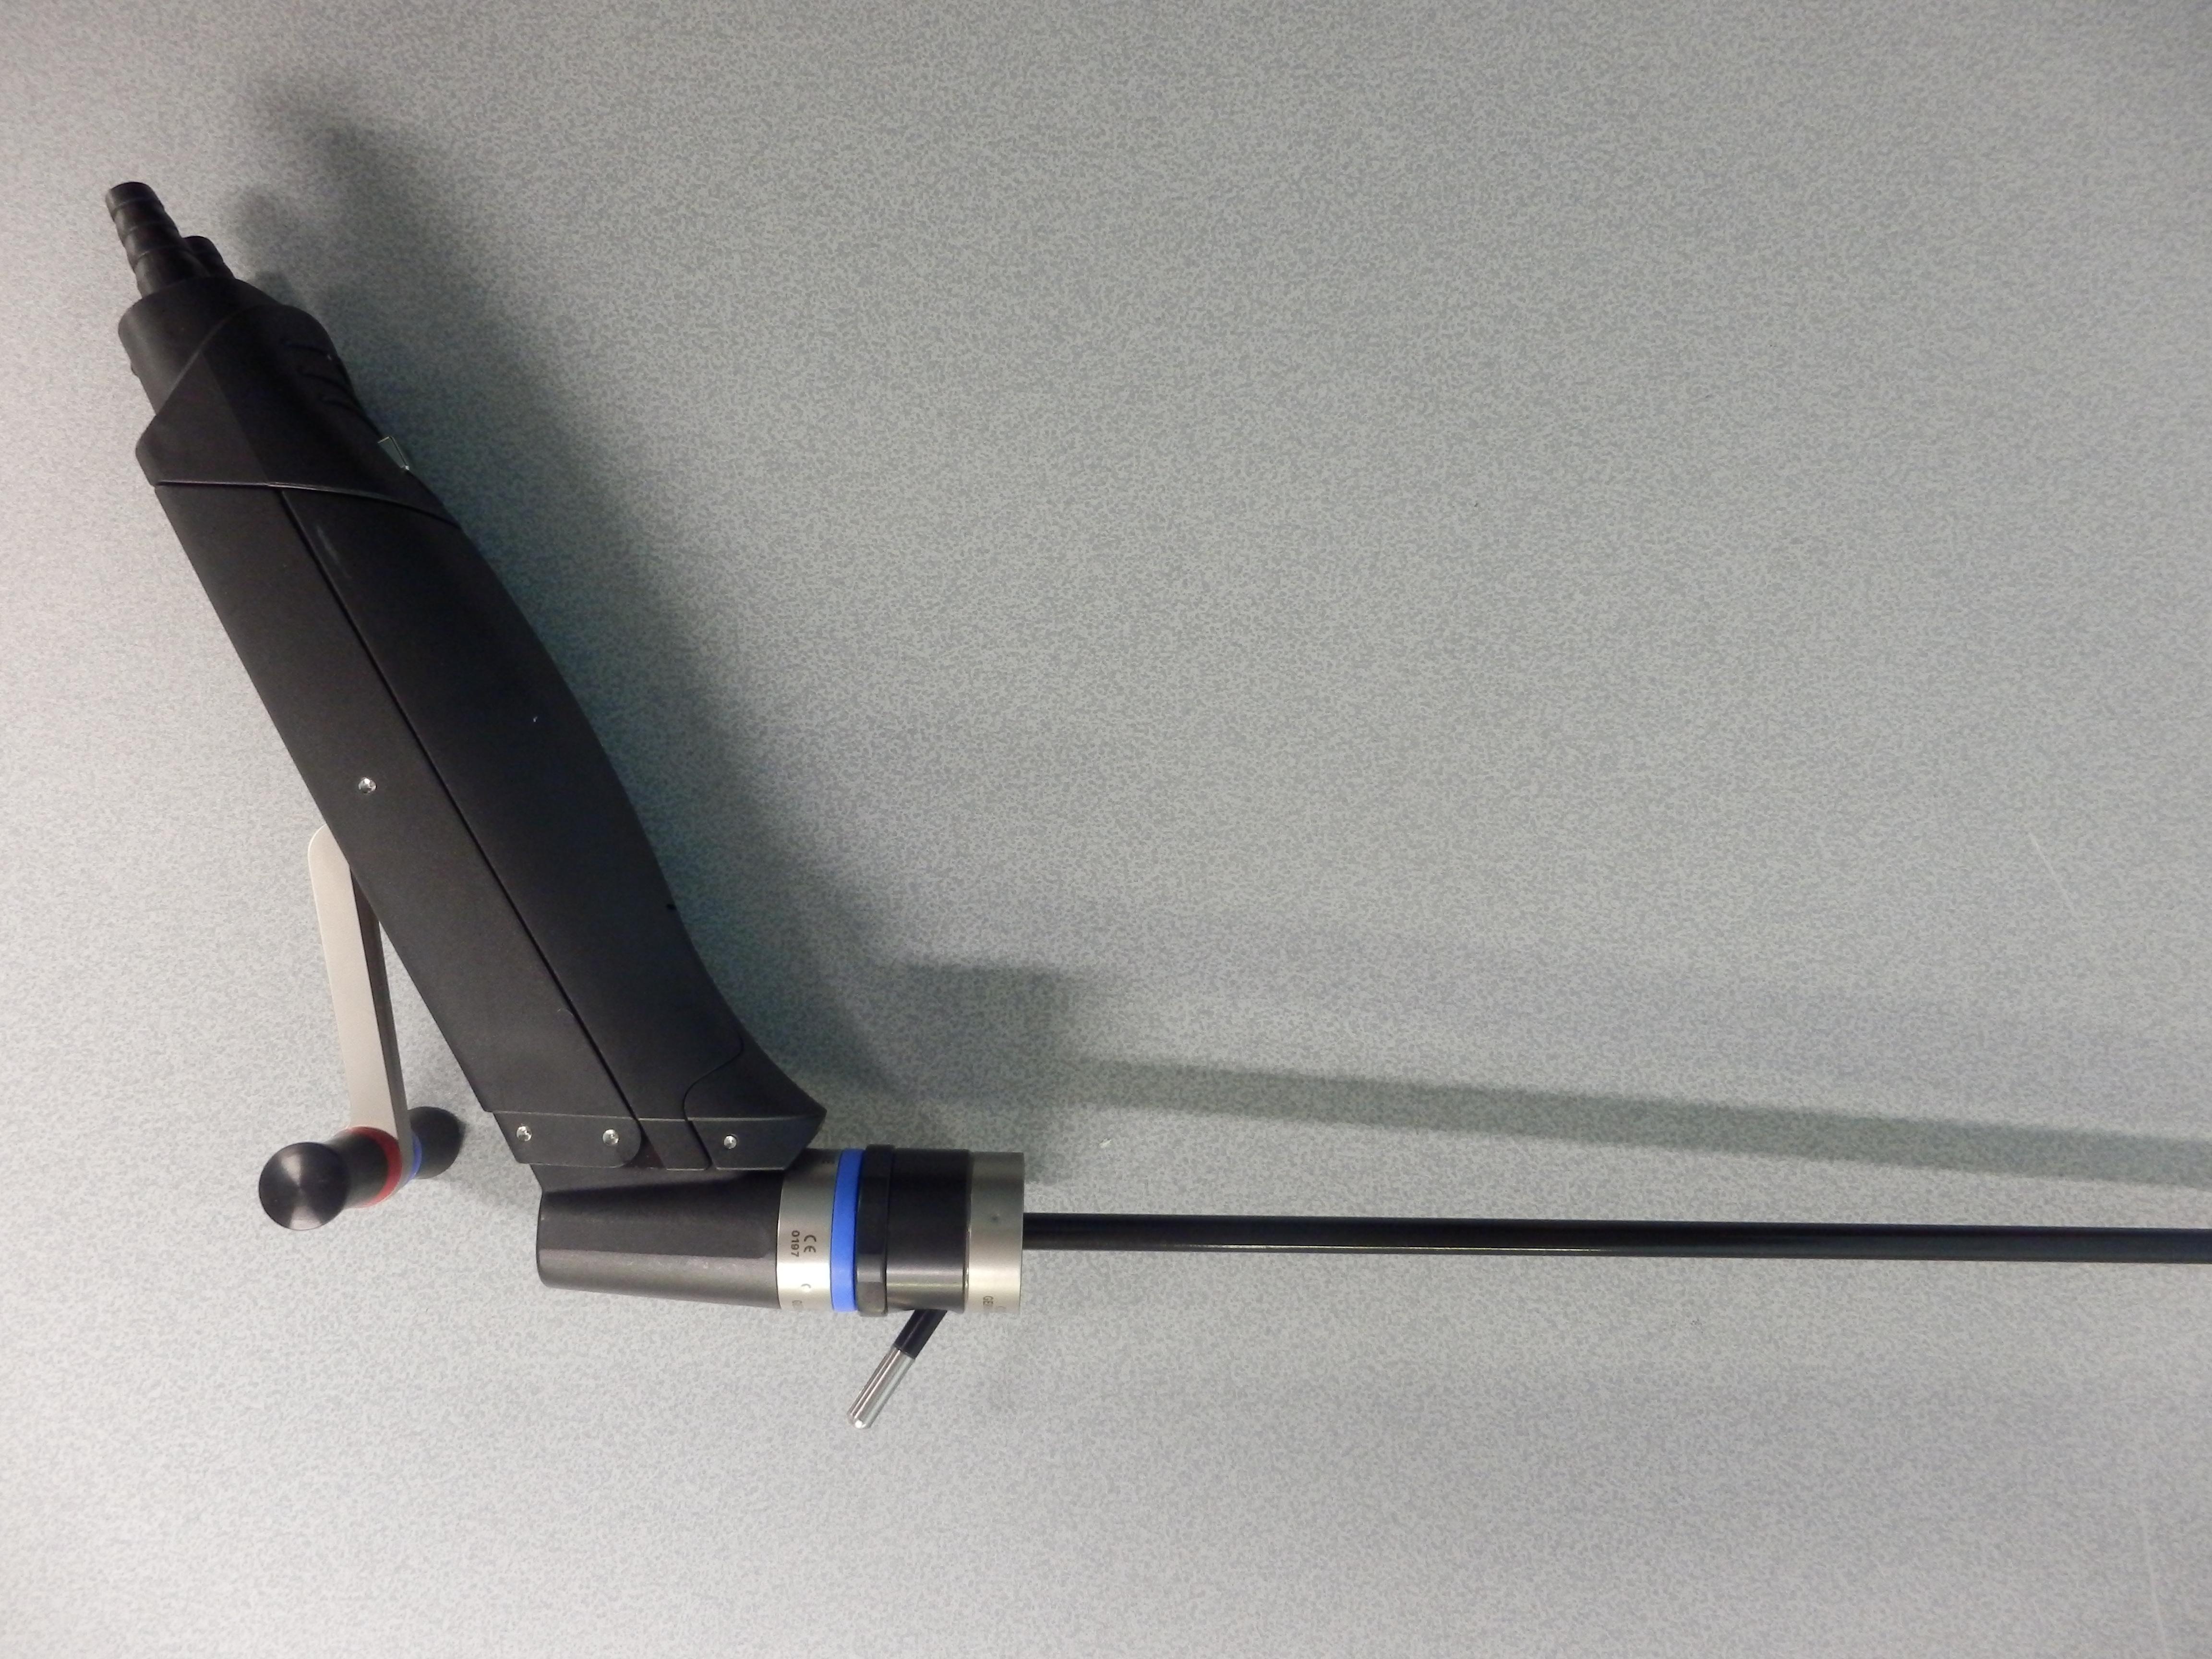 処置具Hiq送水.吸引チューブ&ハンドル  WA51138A.WA51172A